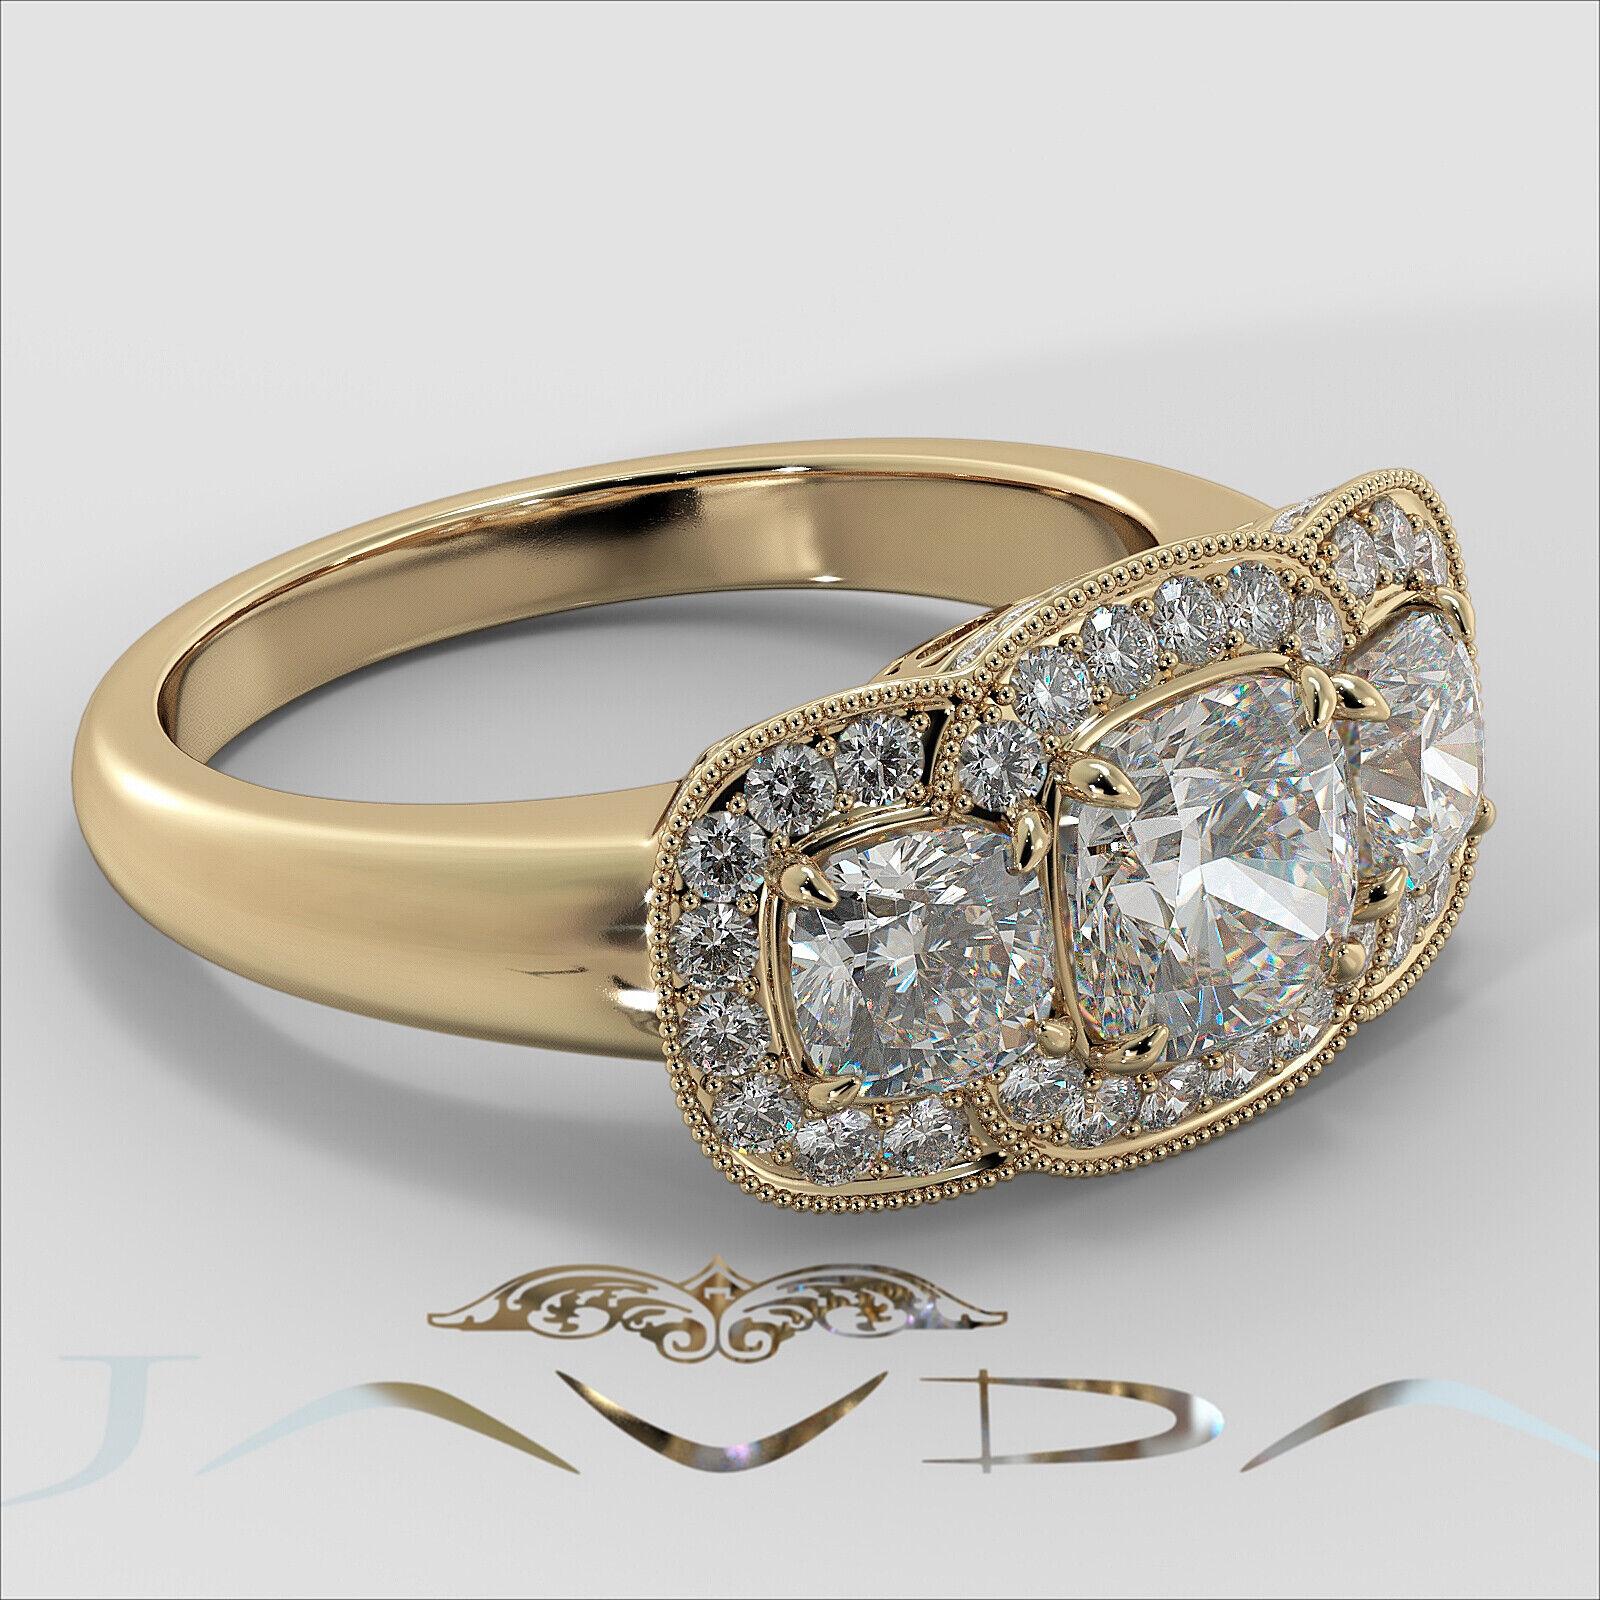 2.25ctw Milgrain Halo 3 Stone Cushion Diamond Engagement Ring GIA I-SI1 W Gold 9